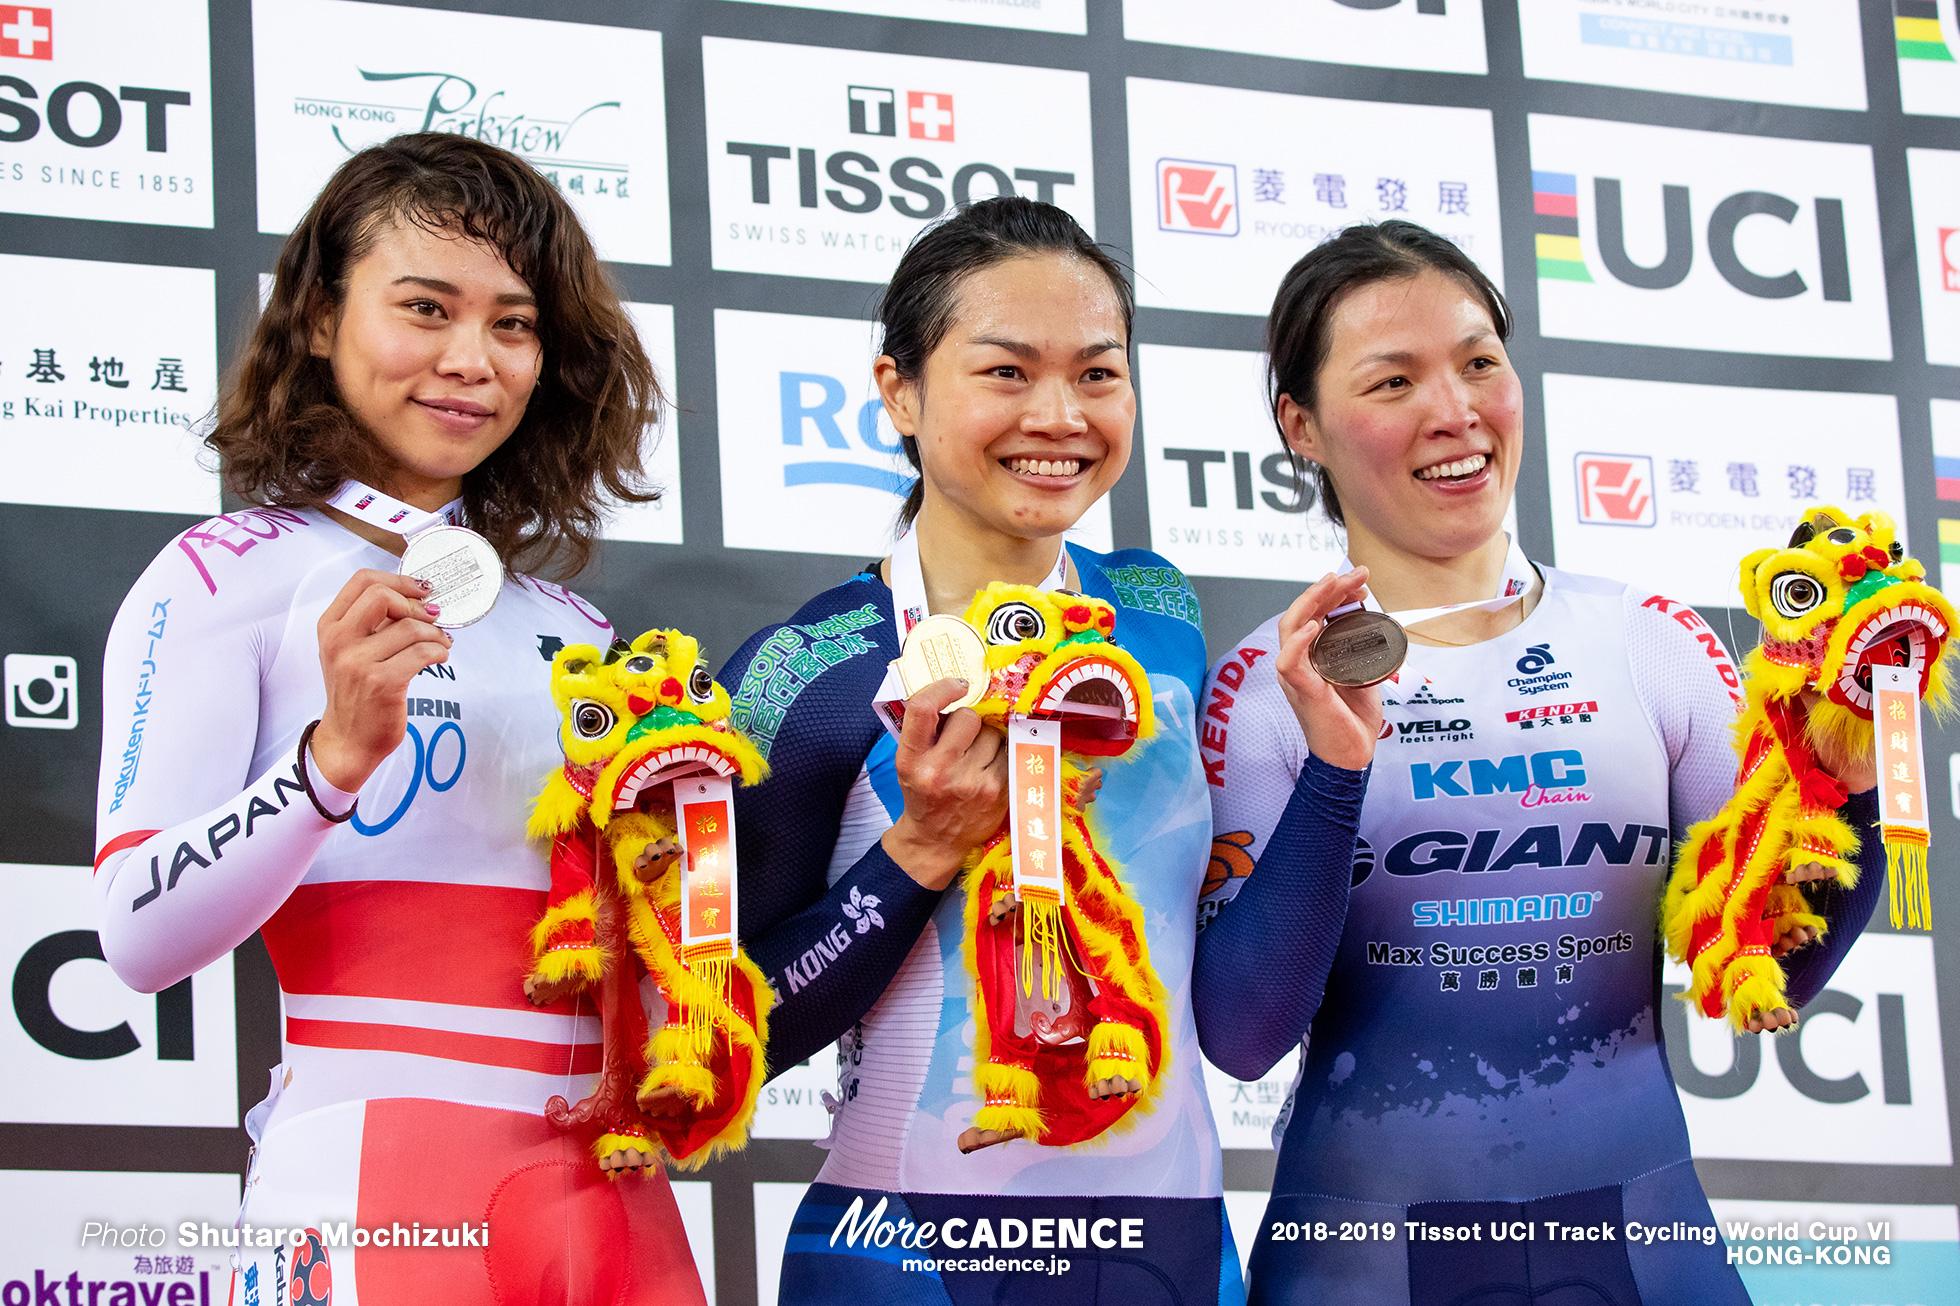 太田りゆ / Women's Keirin / Track Cycling World Cup VI / Hong-Kong